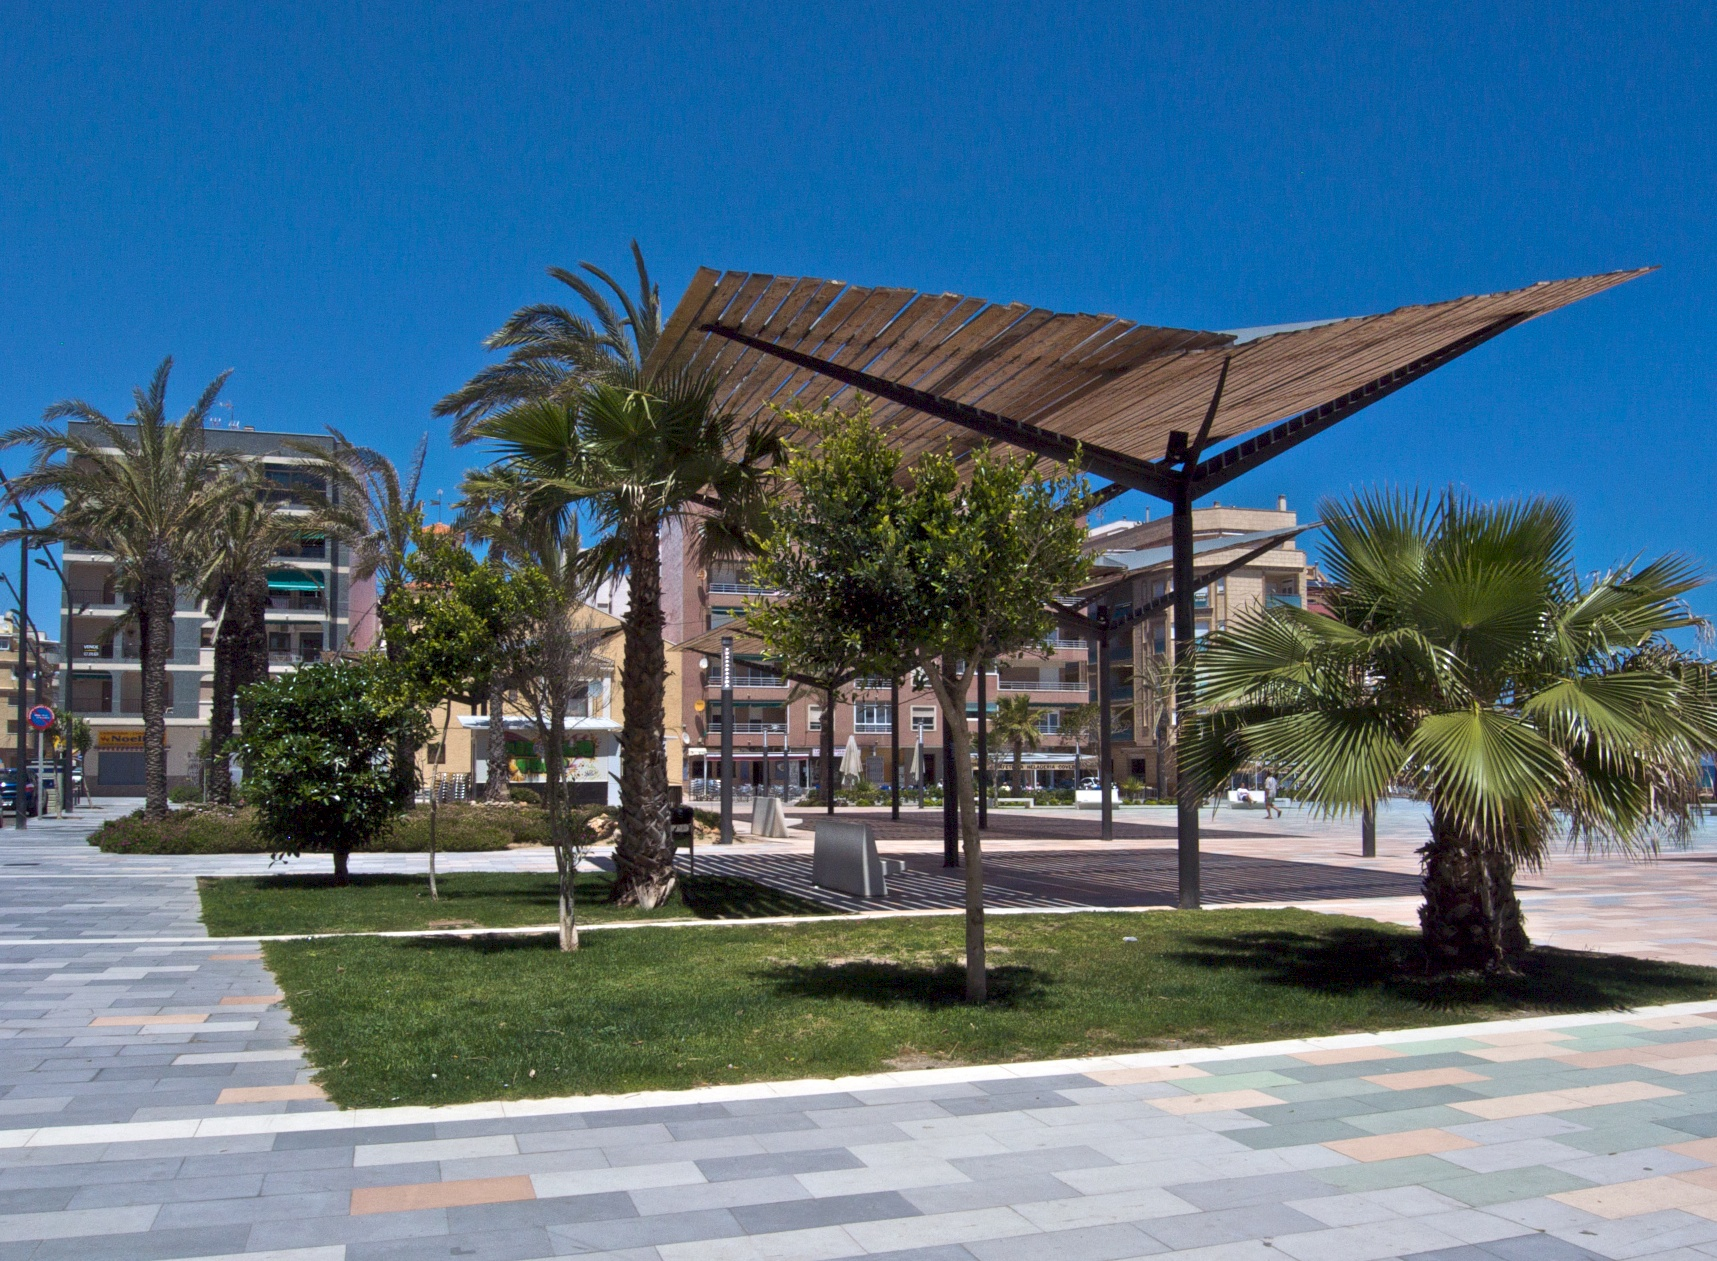 Parquemar v alquiler de apartamentos en torrevieja - Alquilar apartamento en torrevieja ...